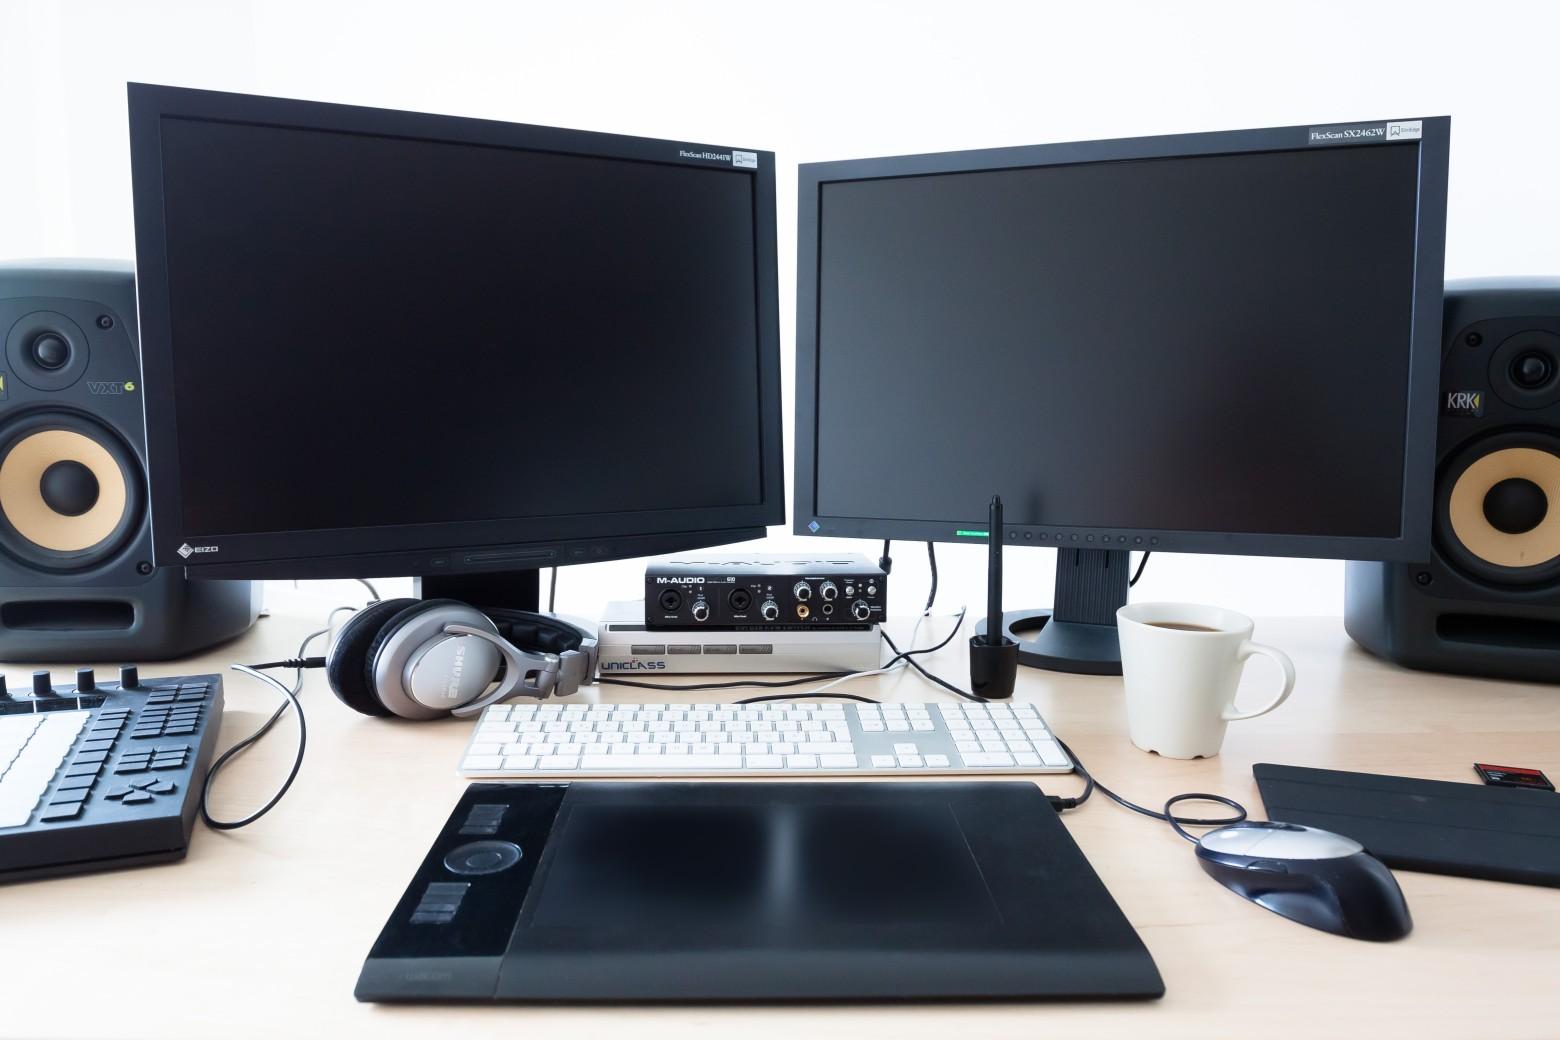 bureau de travail ordinateur informatique images photos gratuites libres de droits images